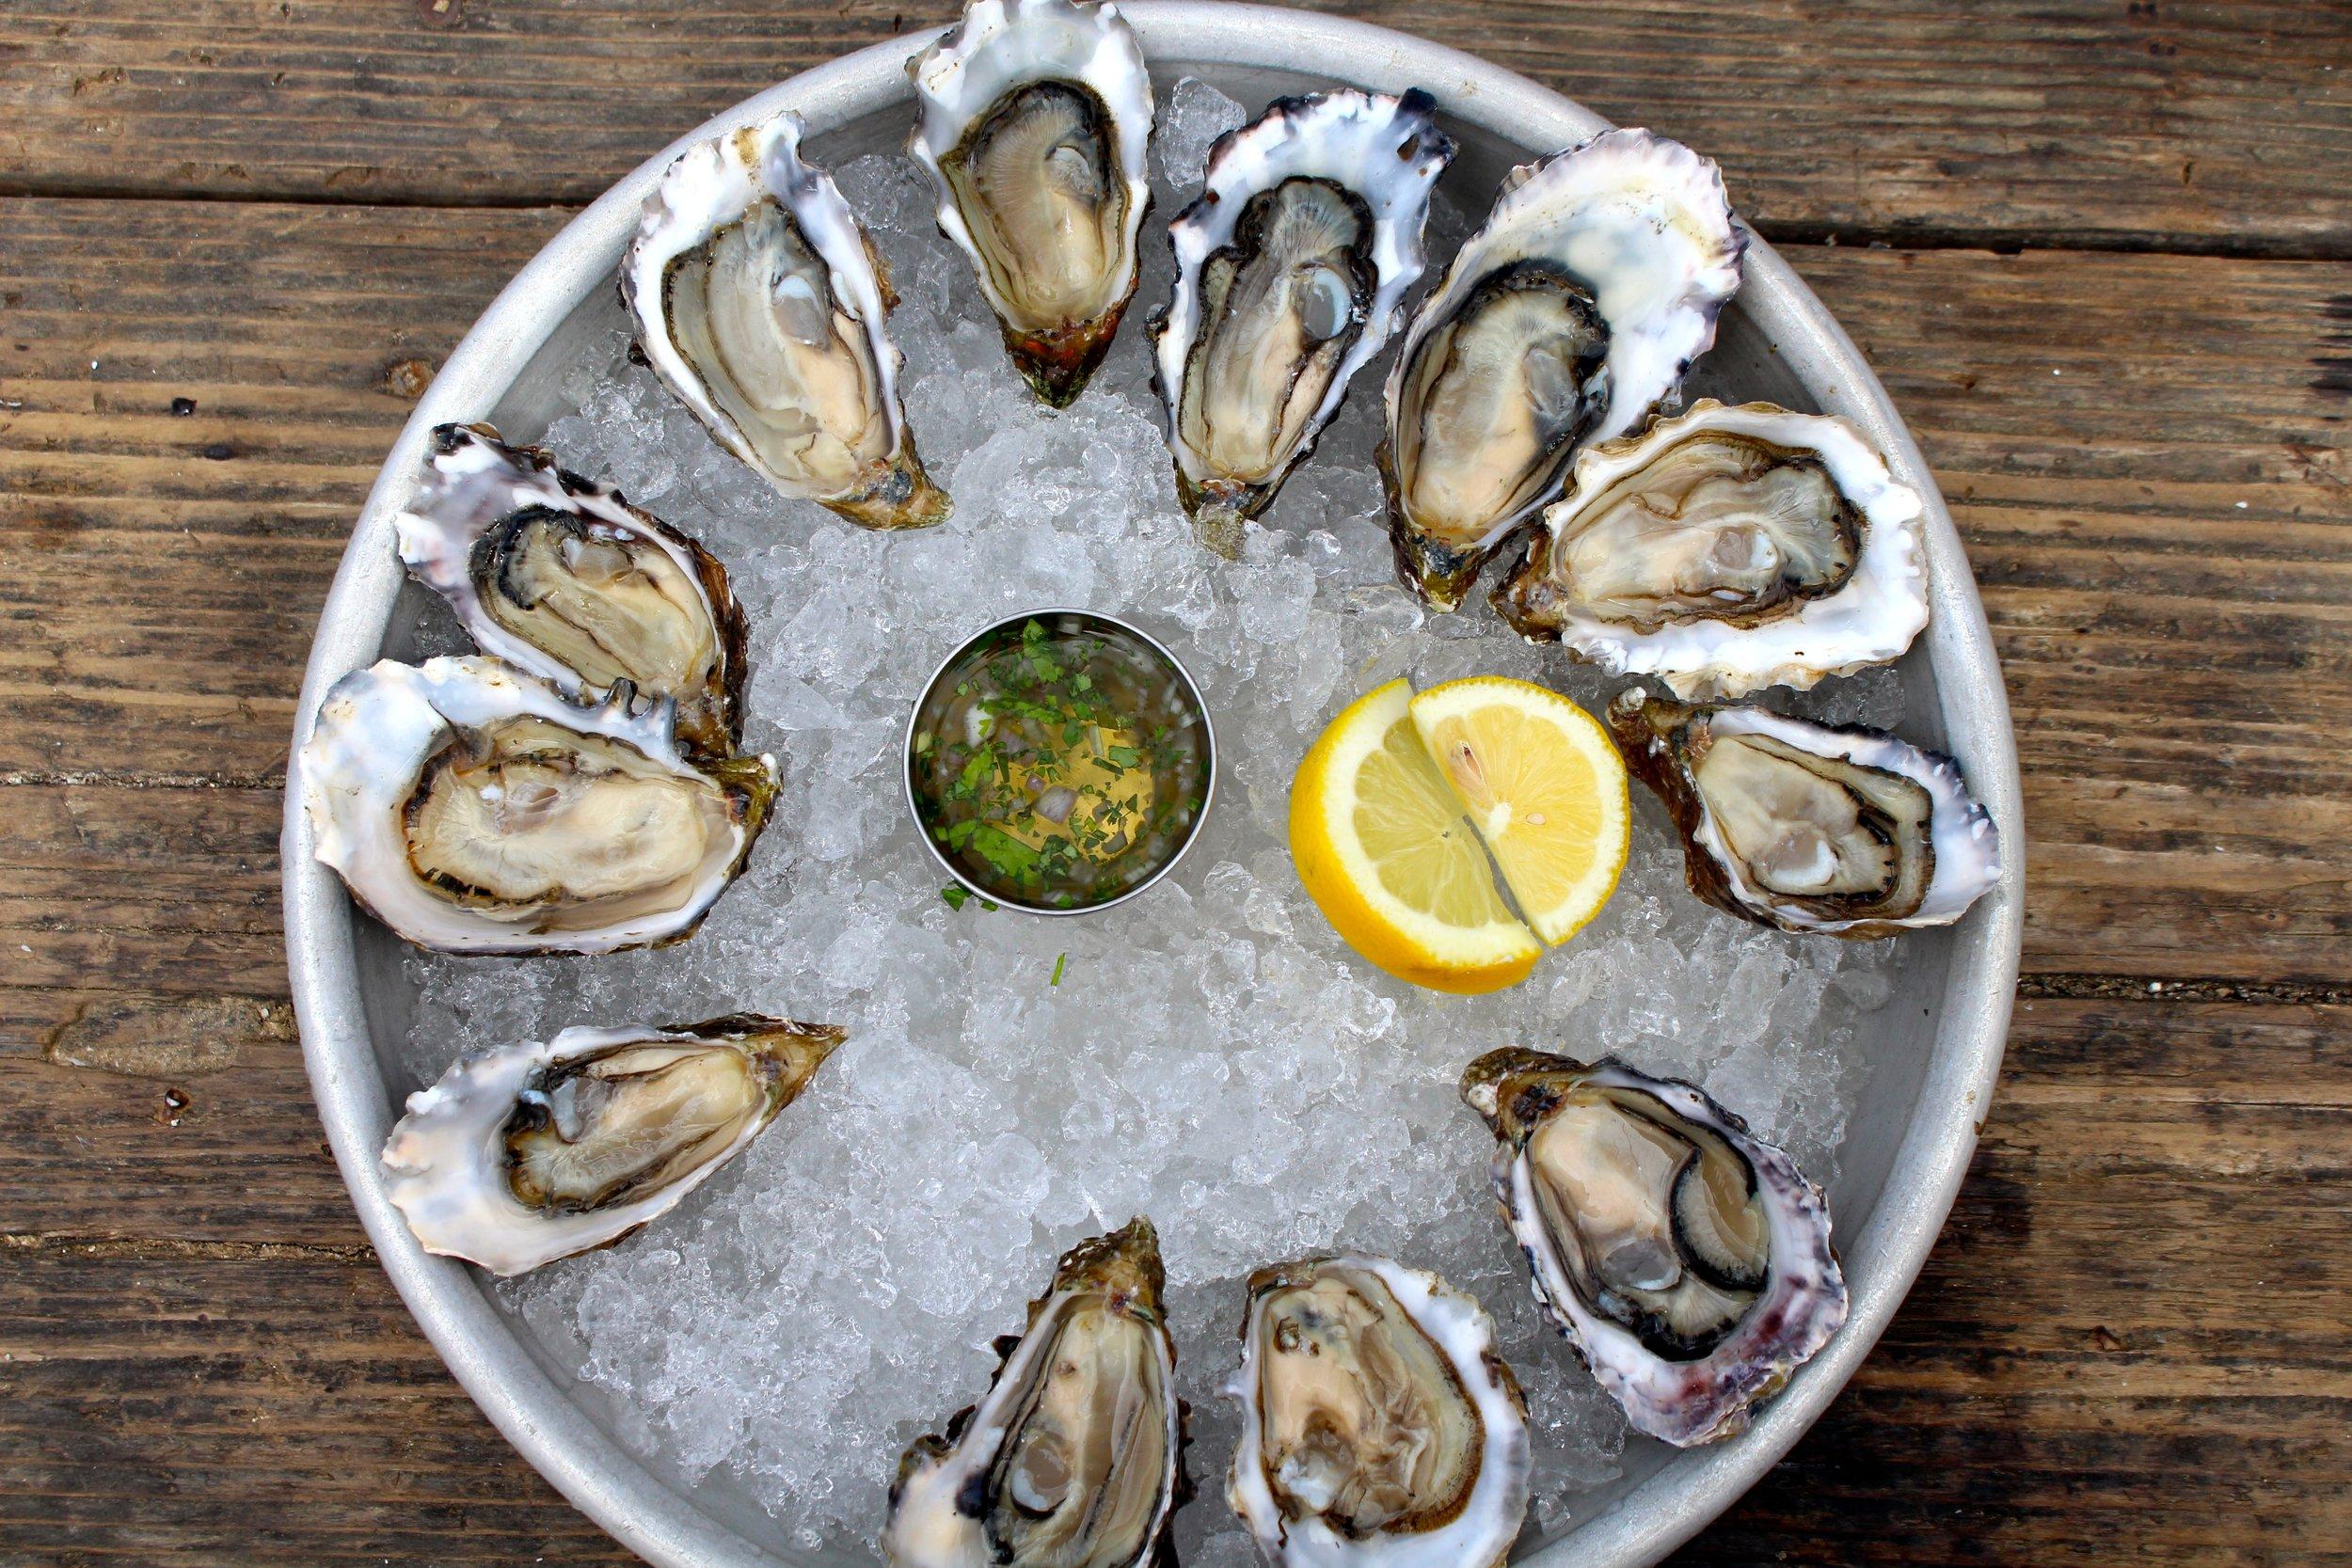 Hog_Island_Oysters